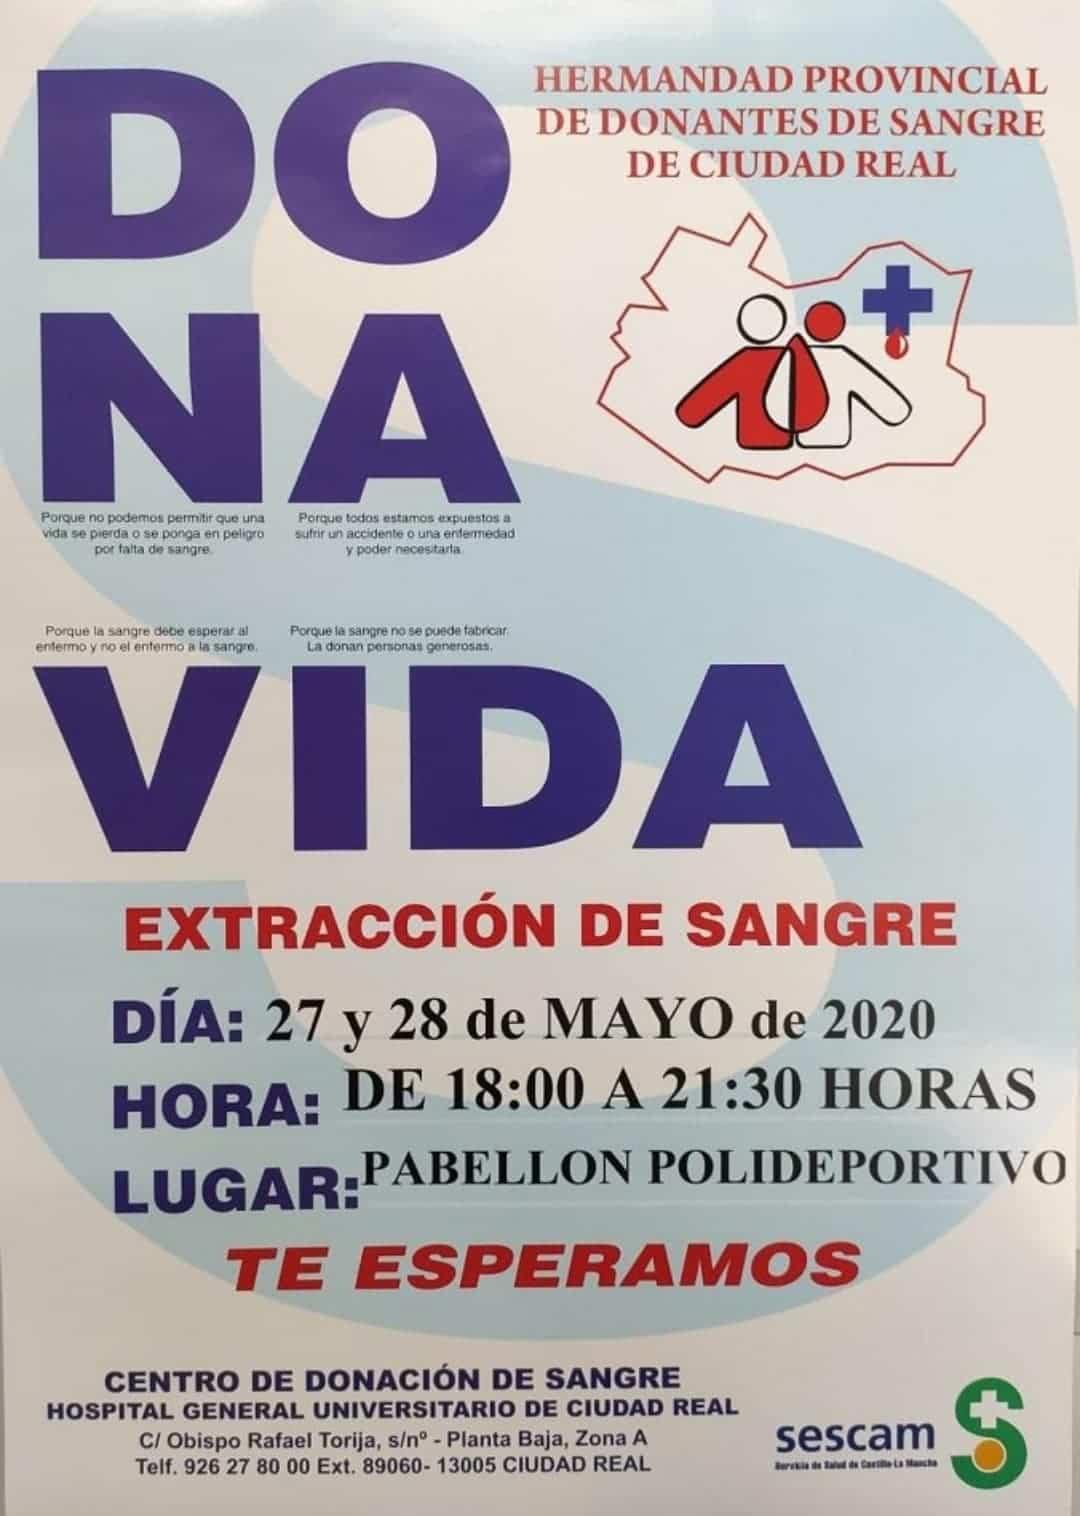 Donación de sangre en Herencia los días 27 y 28 de mayo de 2020 3